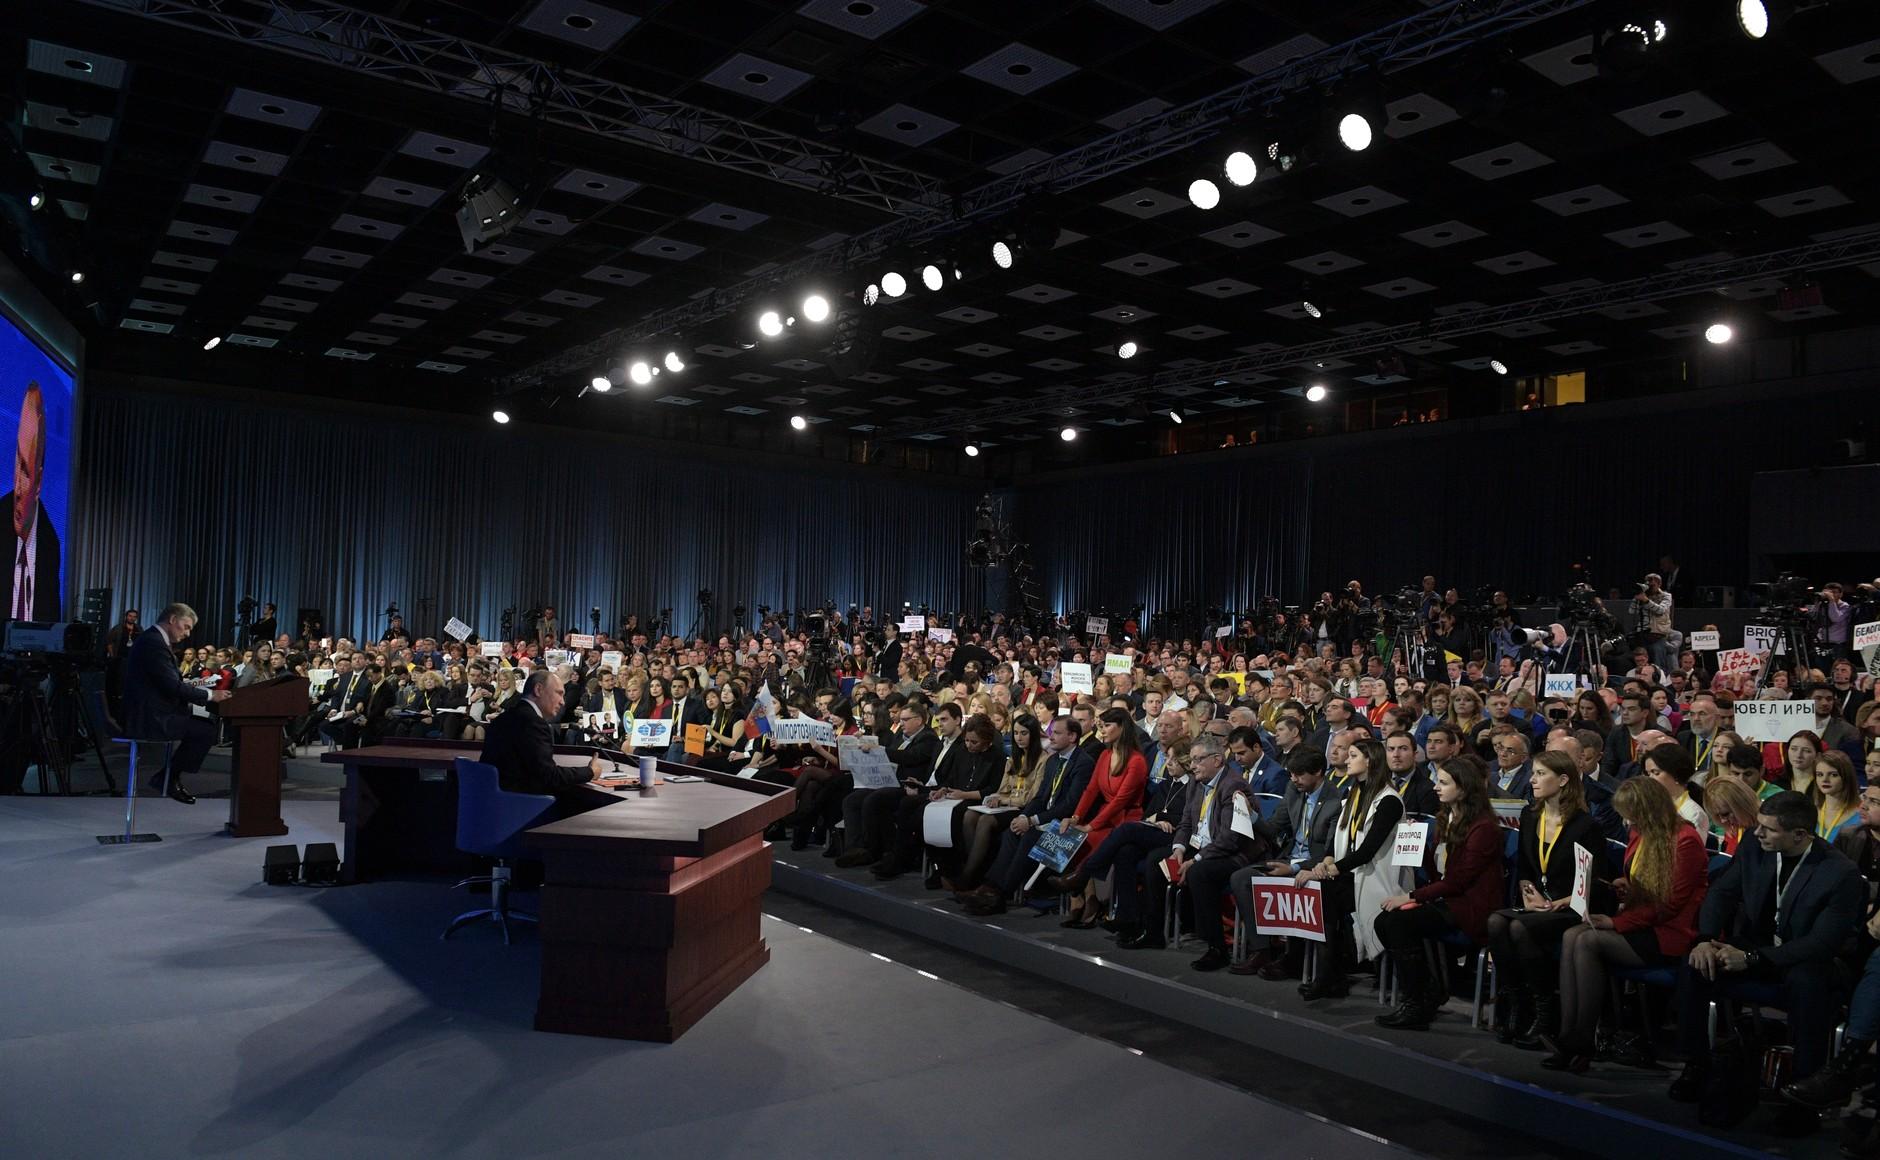 Ежегодная пресс-конференция с Владимиром Путиным продлилась 3 часа 45 минут